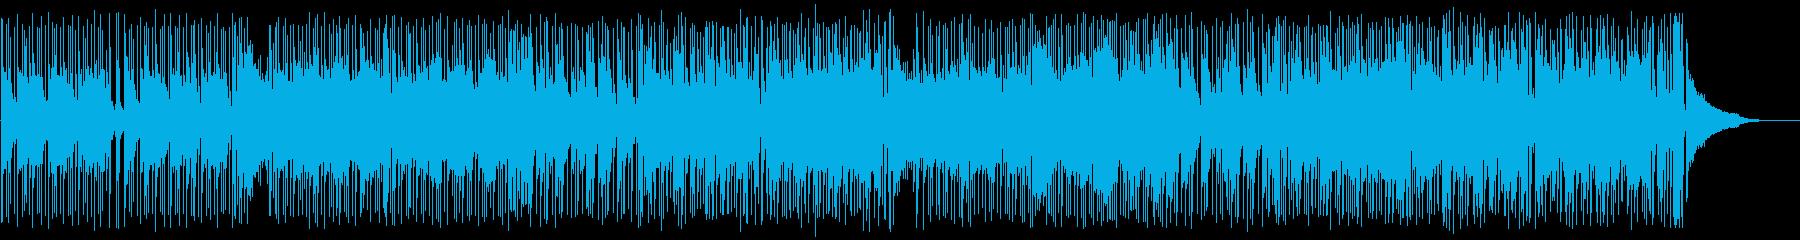 ガットギターを絡めたロックフュージョンの再生済みの波形